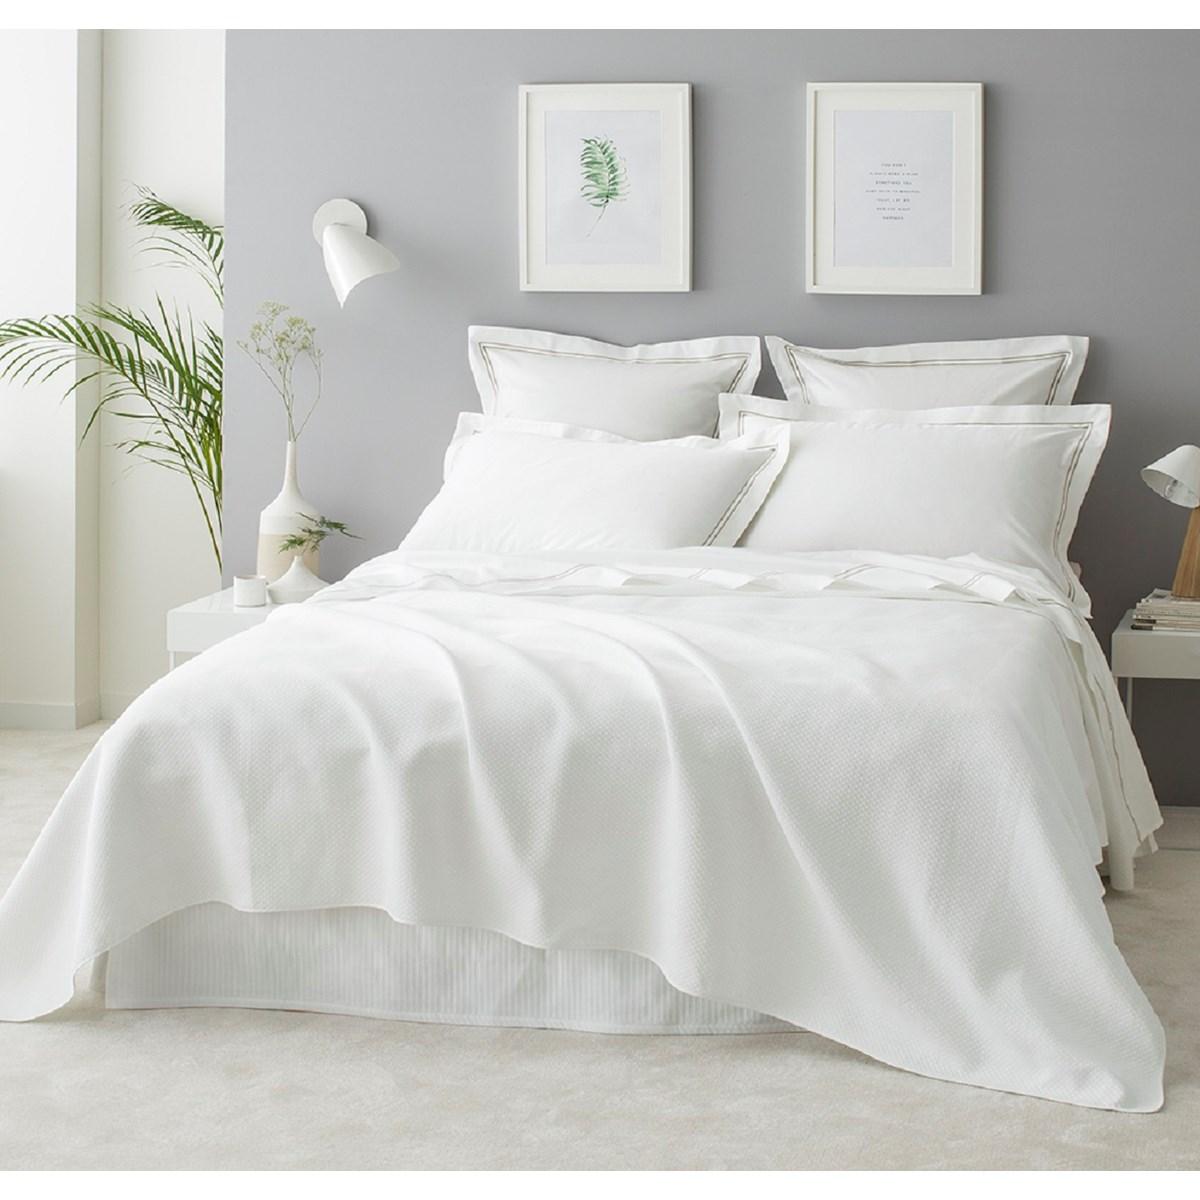 Couverture d'été luxe en Coton  Blanc 220x240 cm